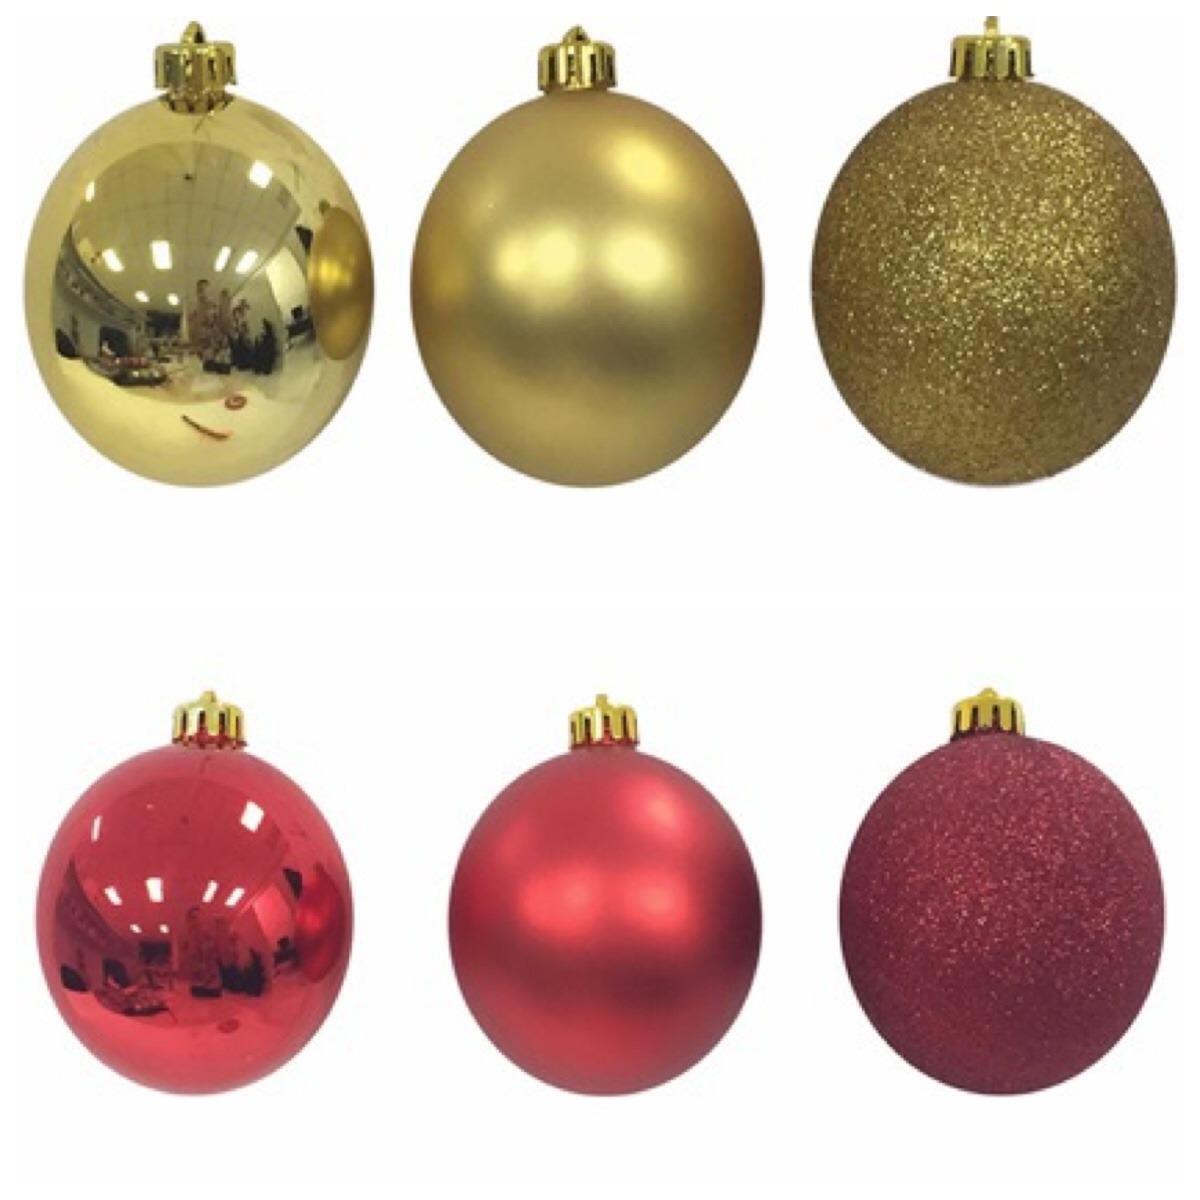 decoracao arvore de natal vermelha e dourada:100 Bolas Ornamentais Arvore Natal Vermelha E Dourada 8cm – R$ 319,00